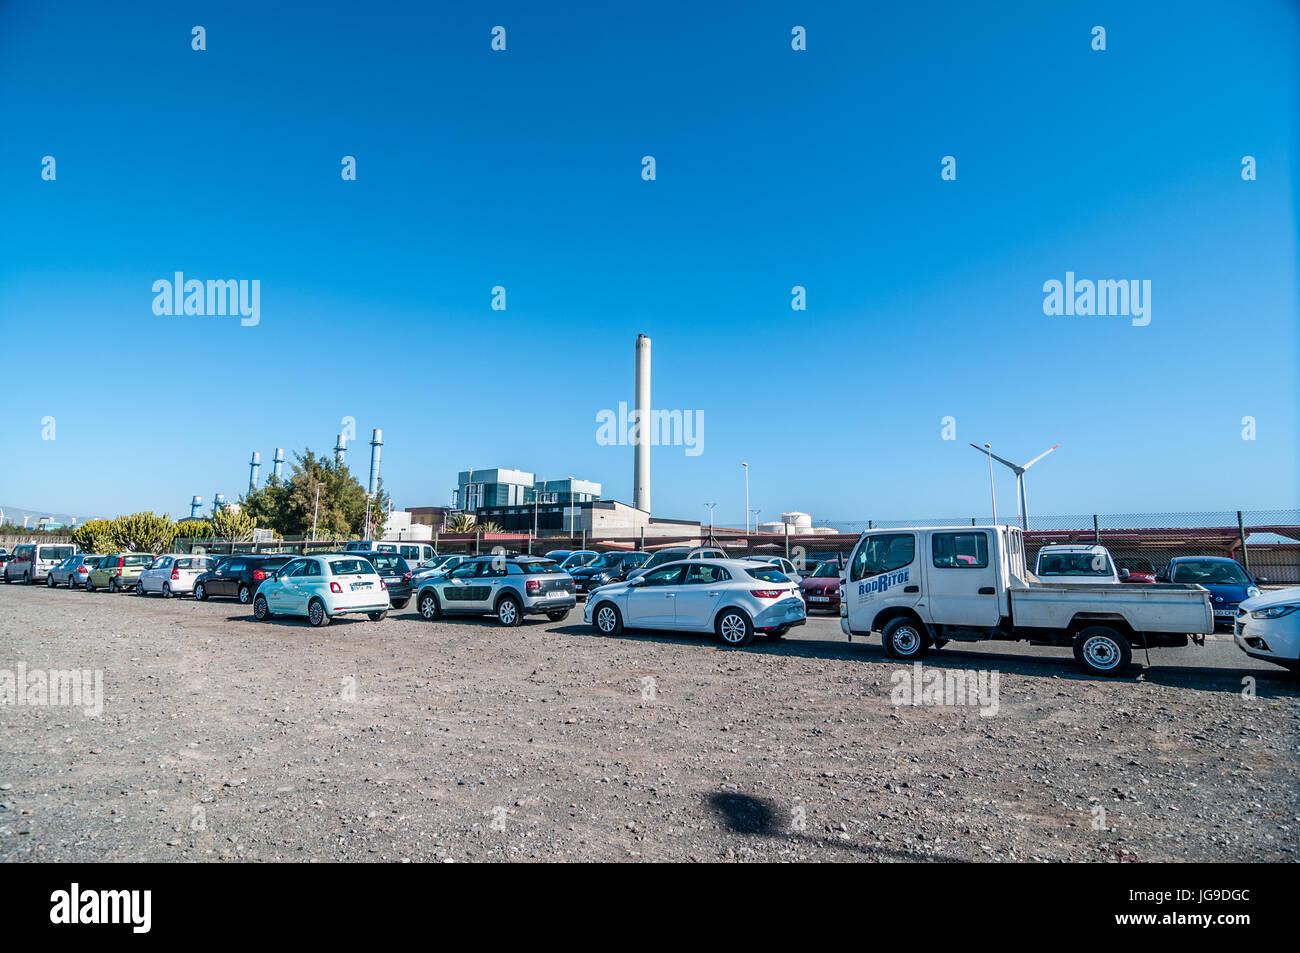 El aparcamiento de la planta de energía térmica de Barranco de Tirajana en Gran Canaria, Islas Canarias, Imagen De Stock